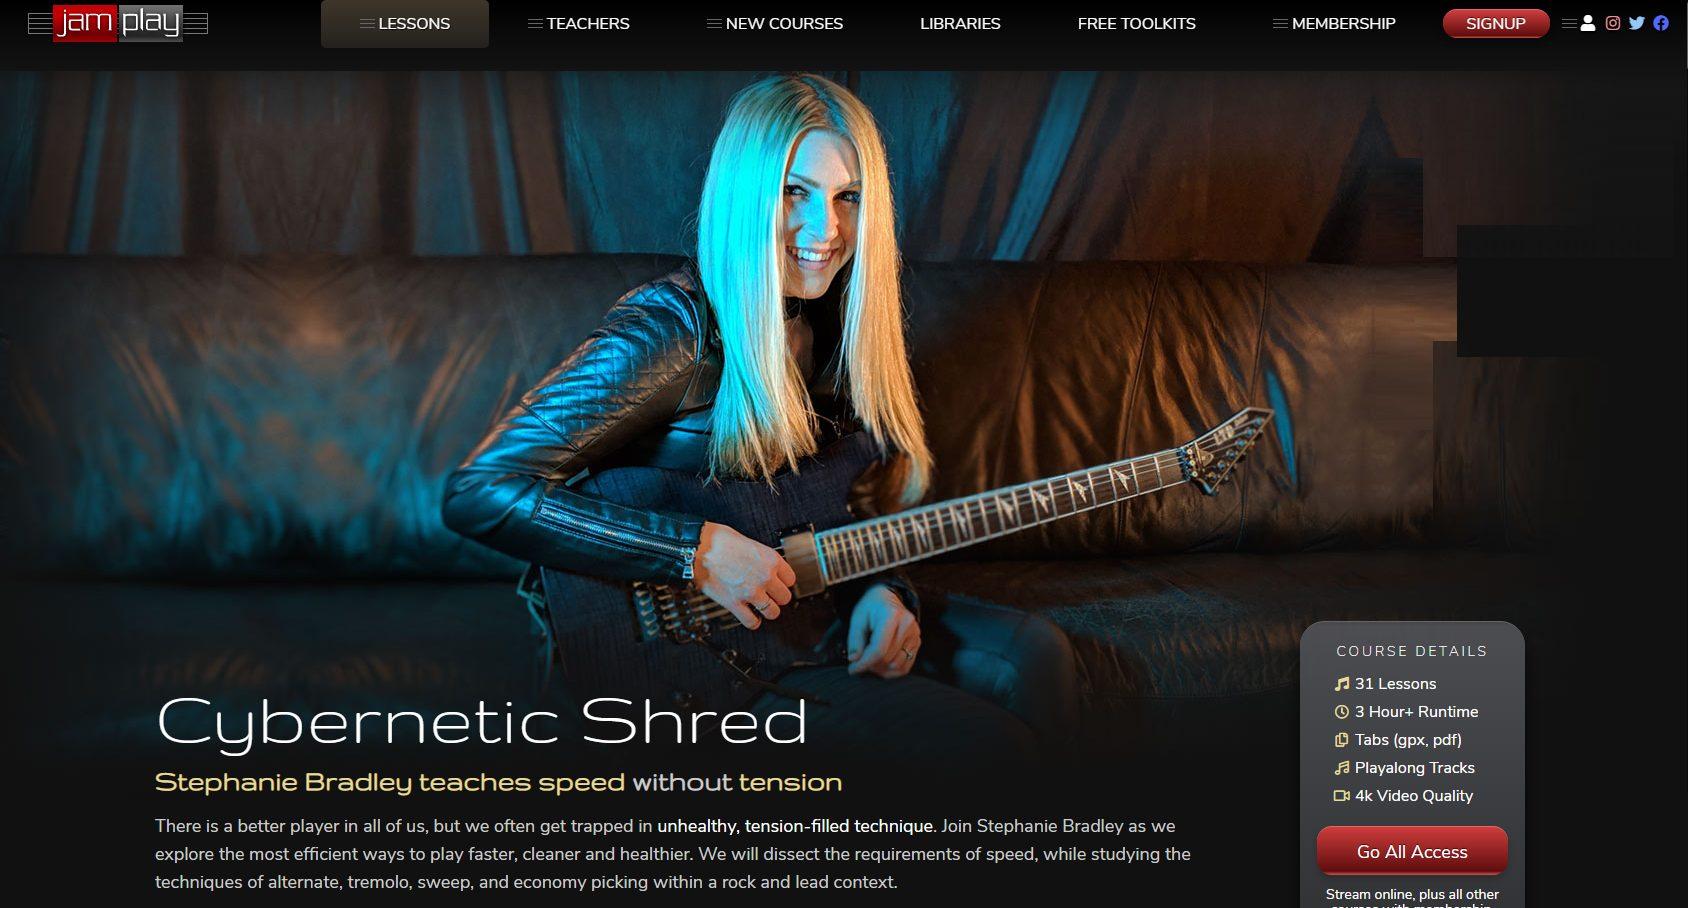 Stephanie Bradley's JamPlay Course